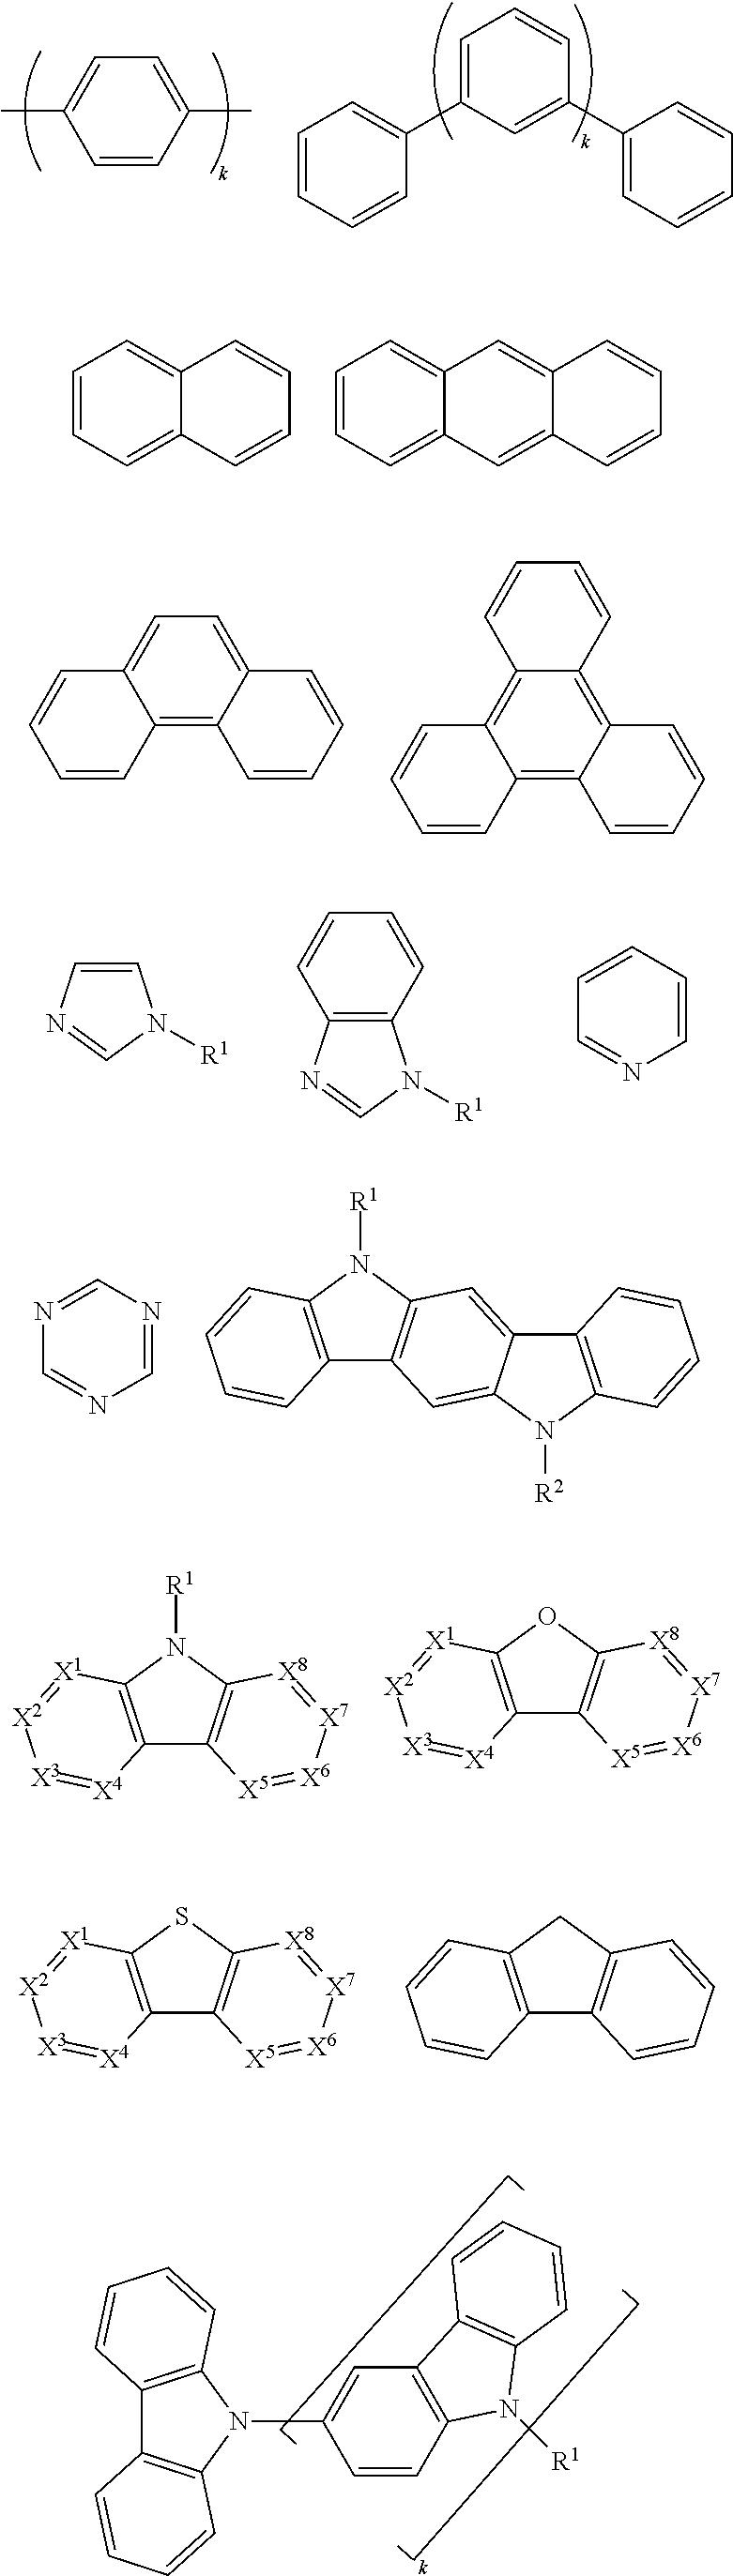 Figure US08932734-20150113-C00067